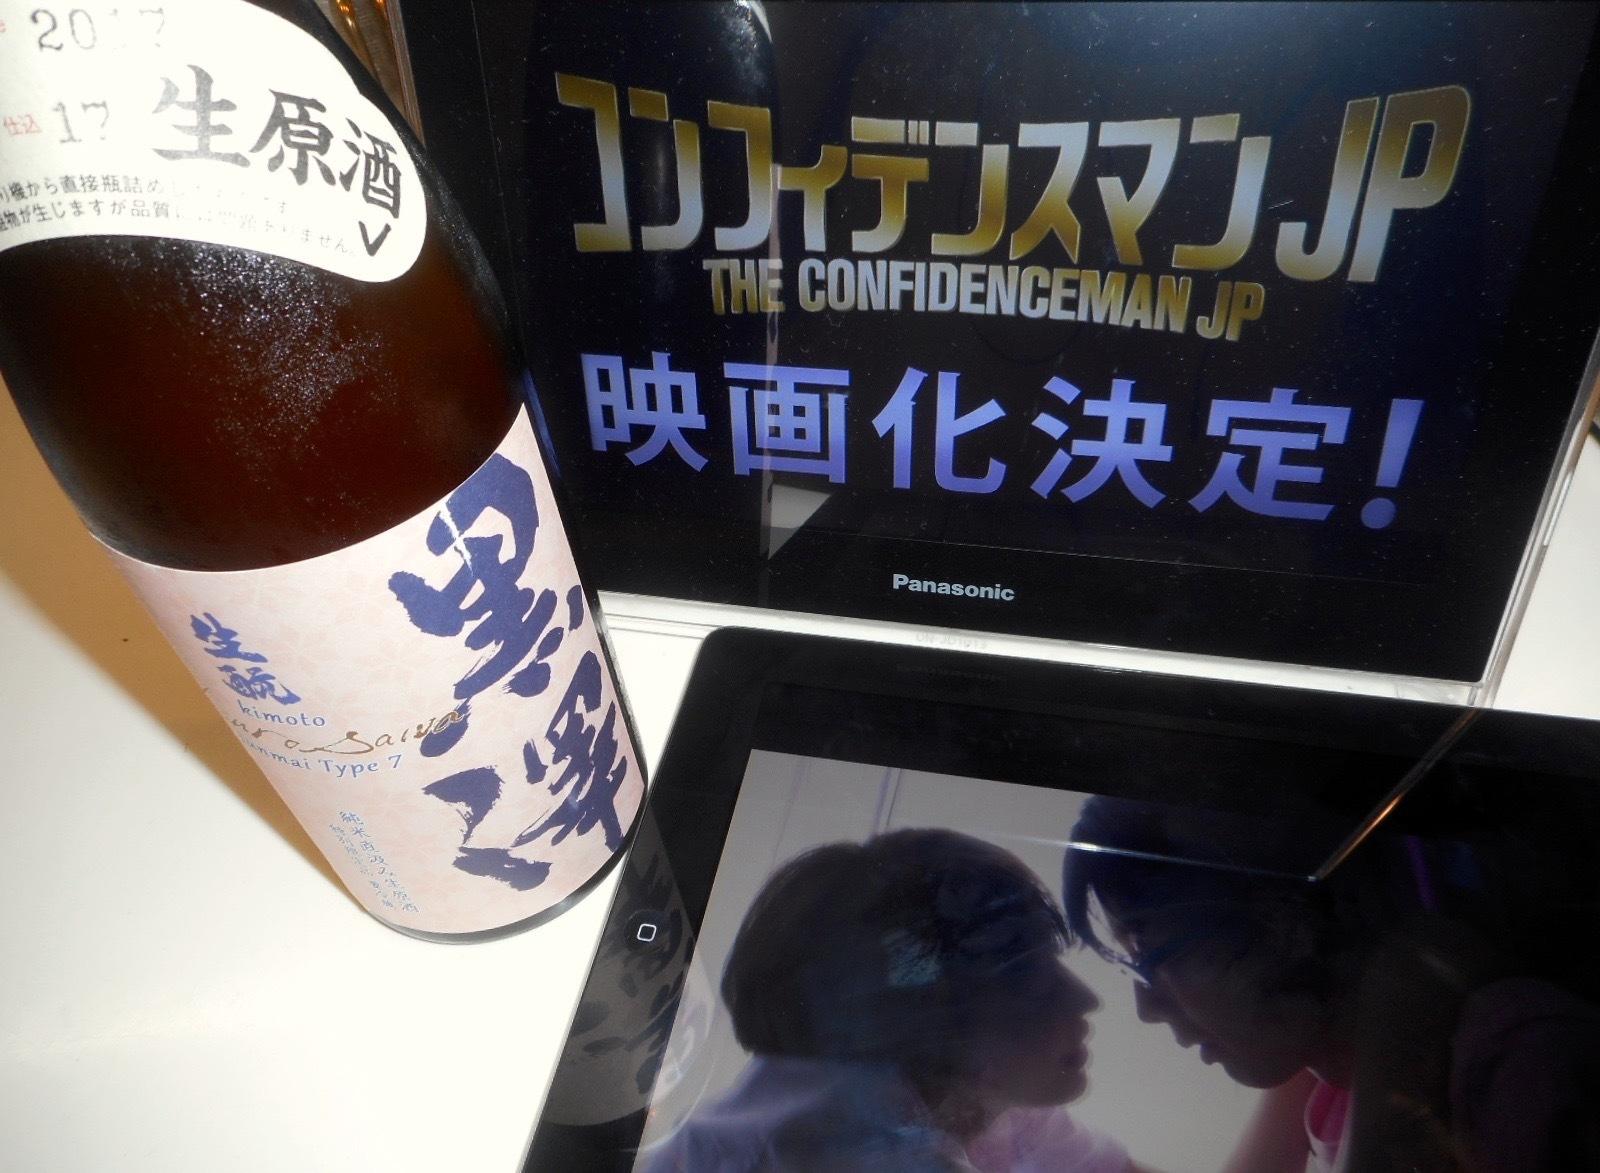 kurosawa_type7_2_29by7.jpg